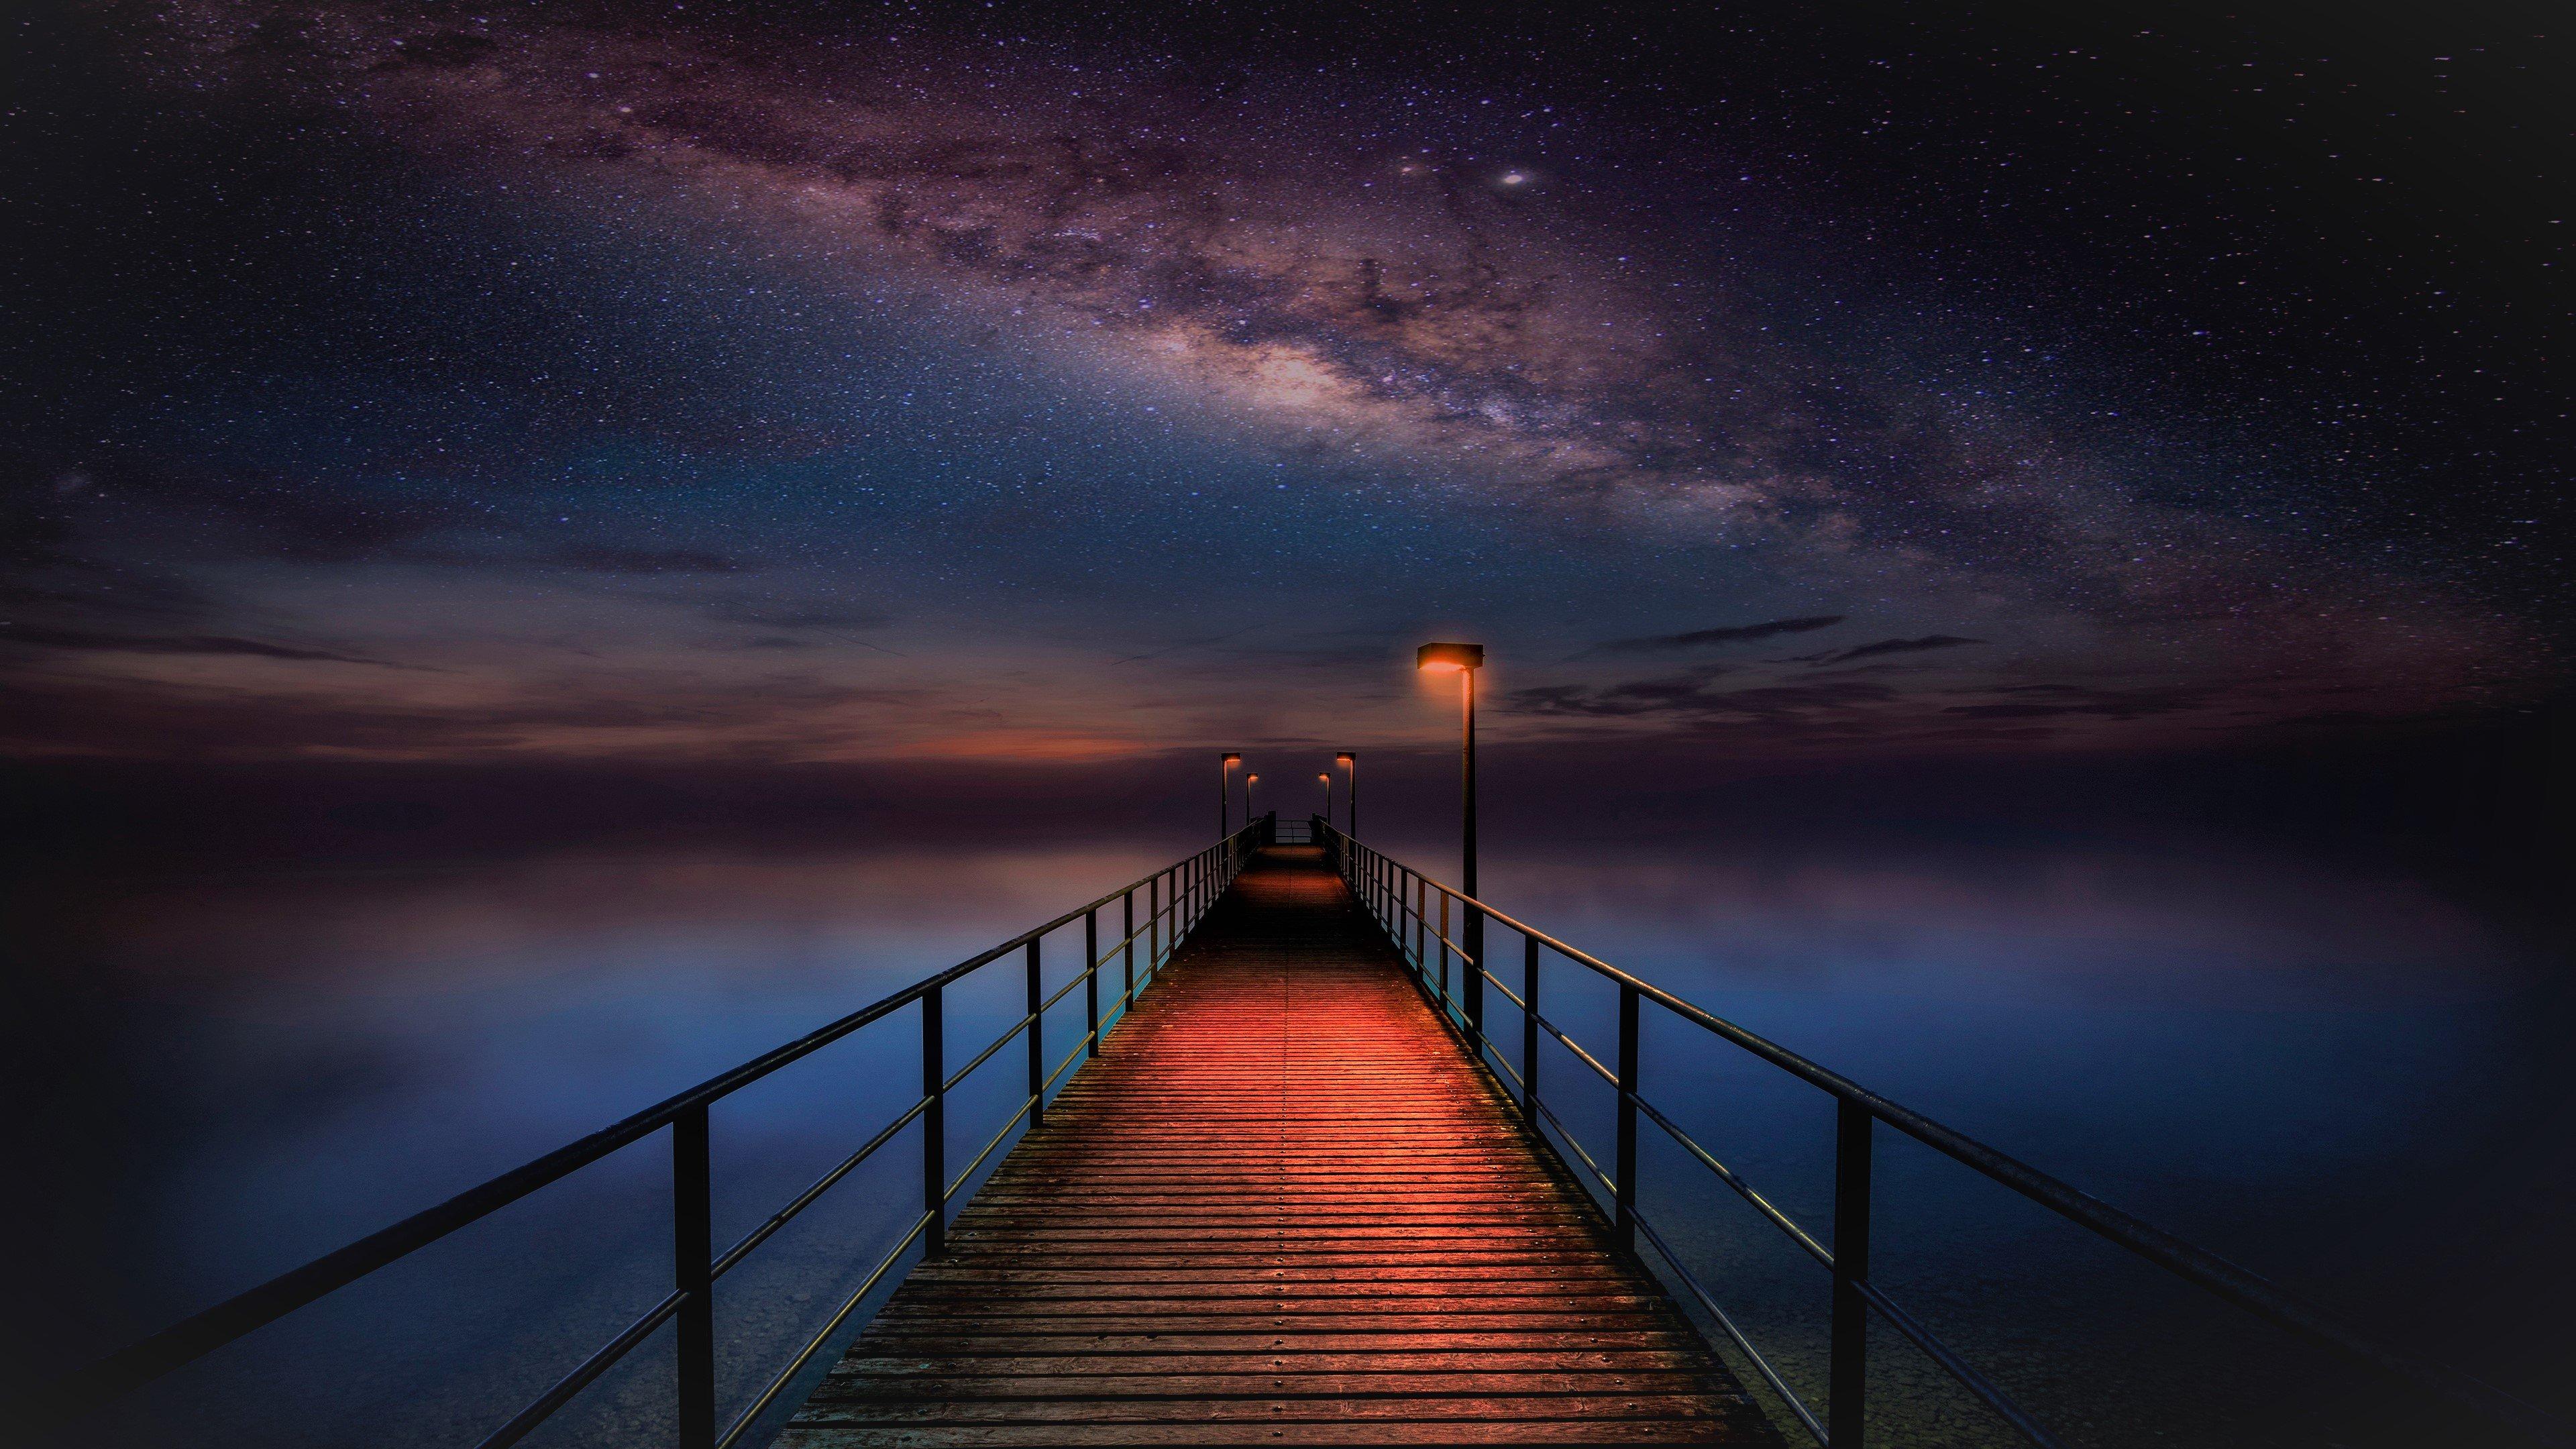 Fondos de pantalla Muelle en noche estrellada